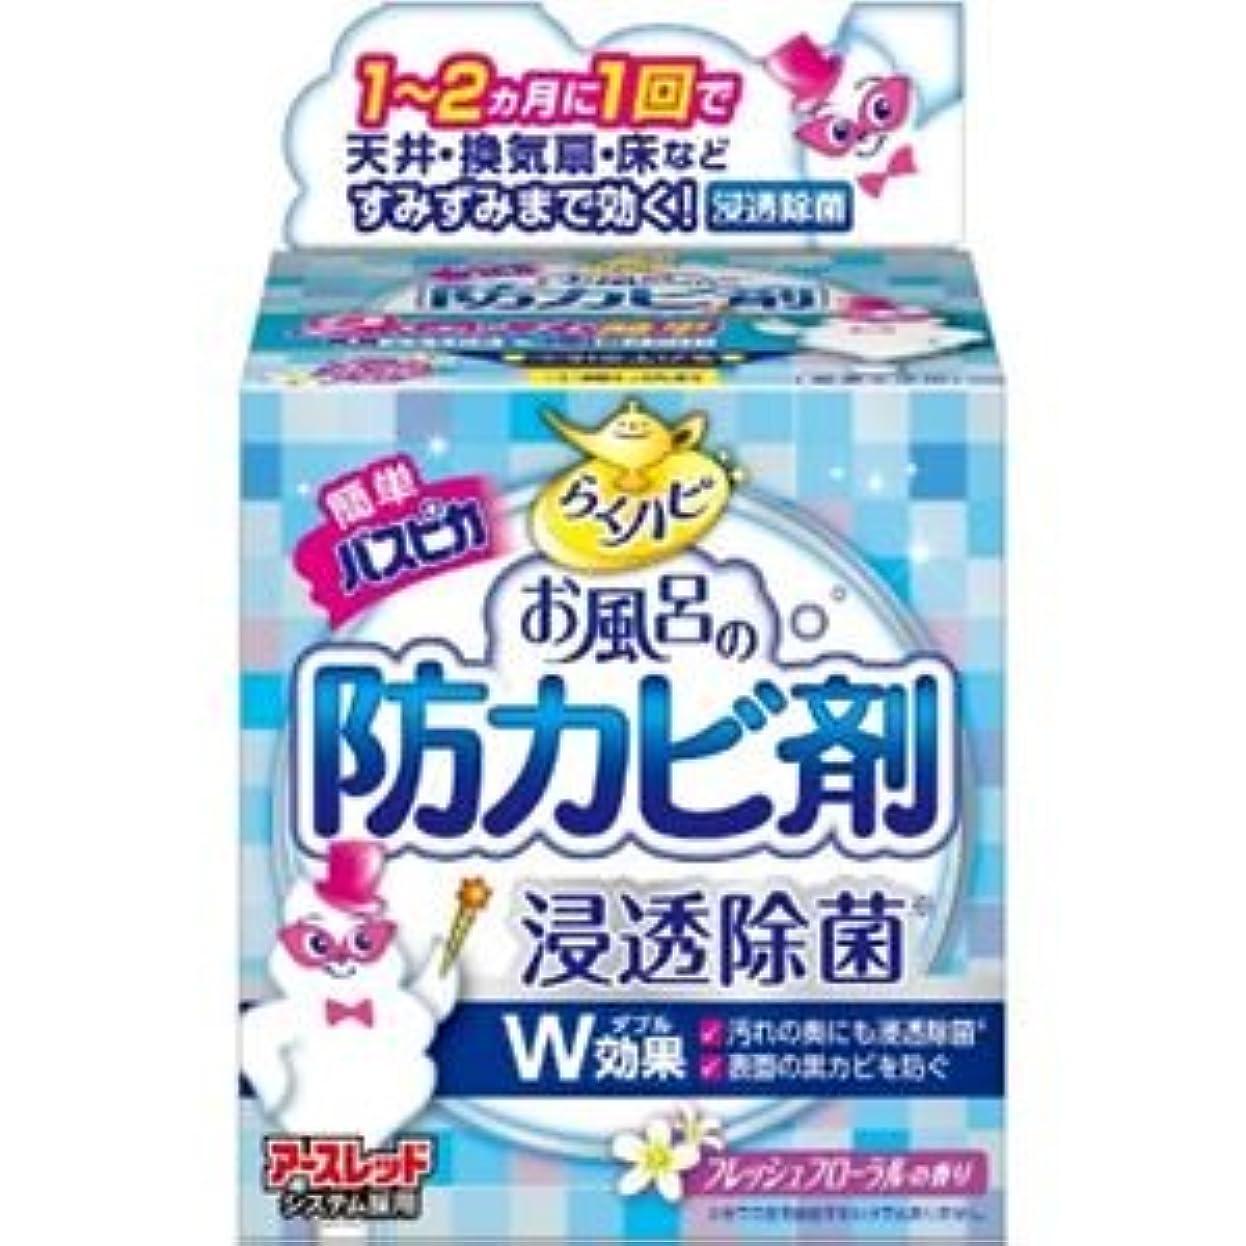 アクセル輝く者(まとめ)アース製薬 らくハピお風呂の防カビ剤フローラルの香り 【×3点セット】